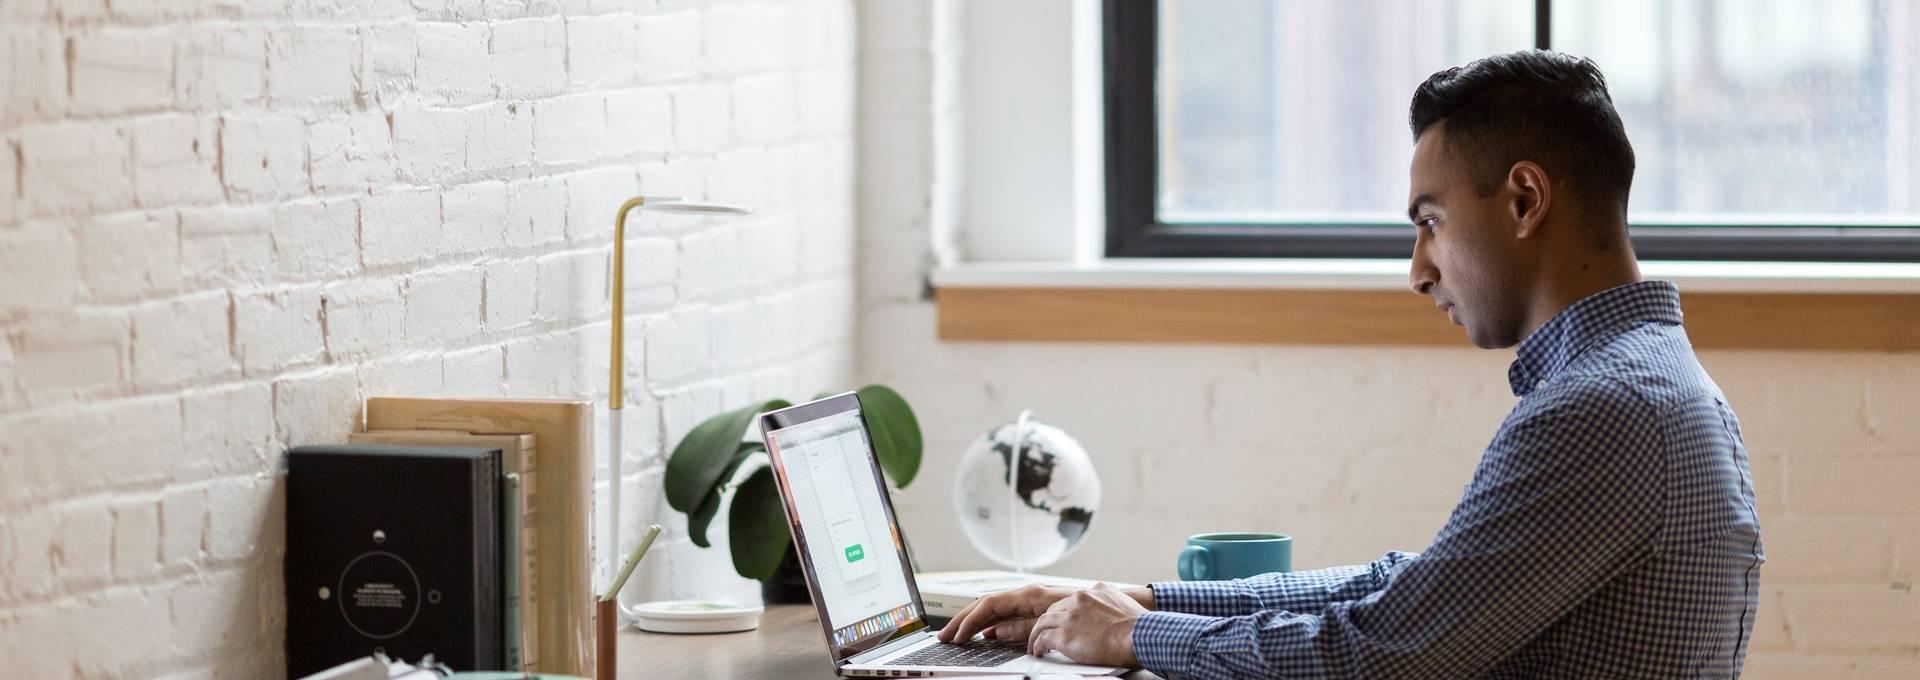 Mitarbeiter im Homeoffice kann schnell und einfach geholfen werden mit IT-Support über den Teamviewer.